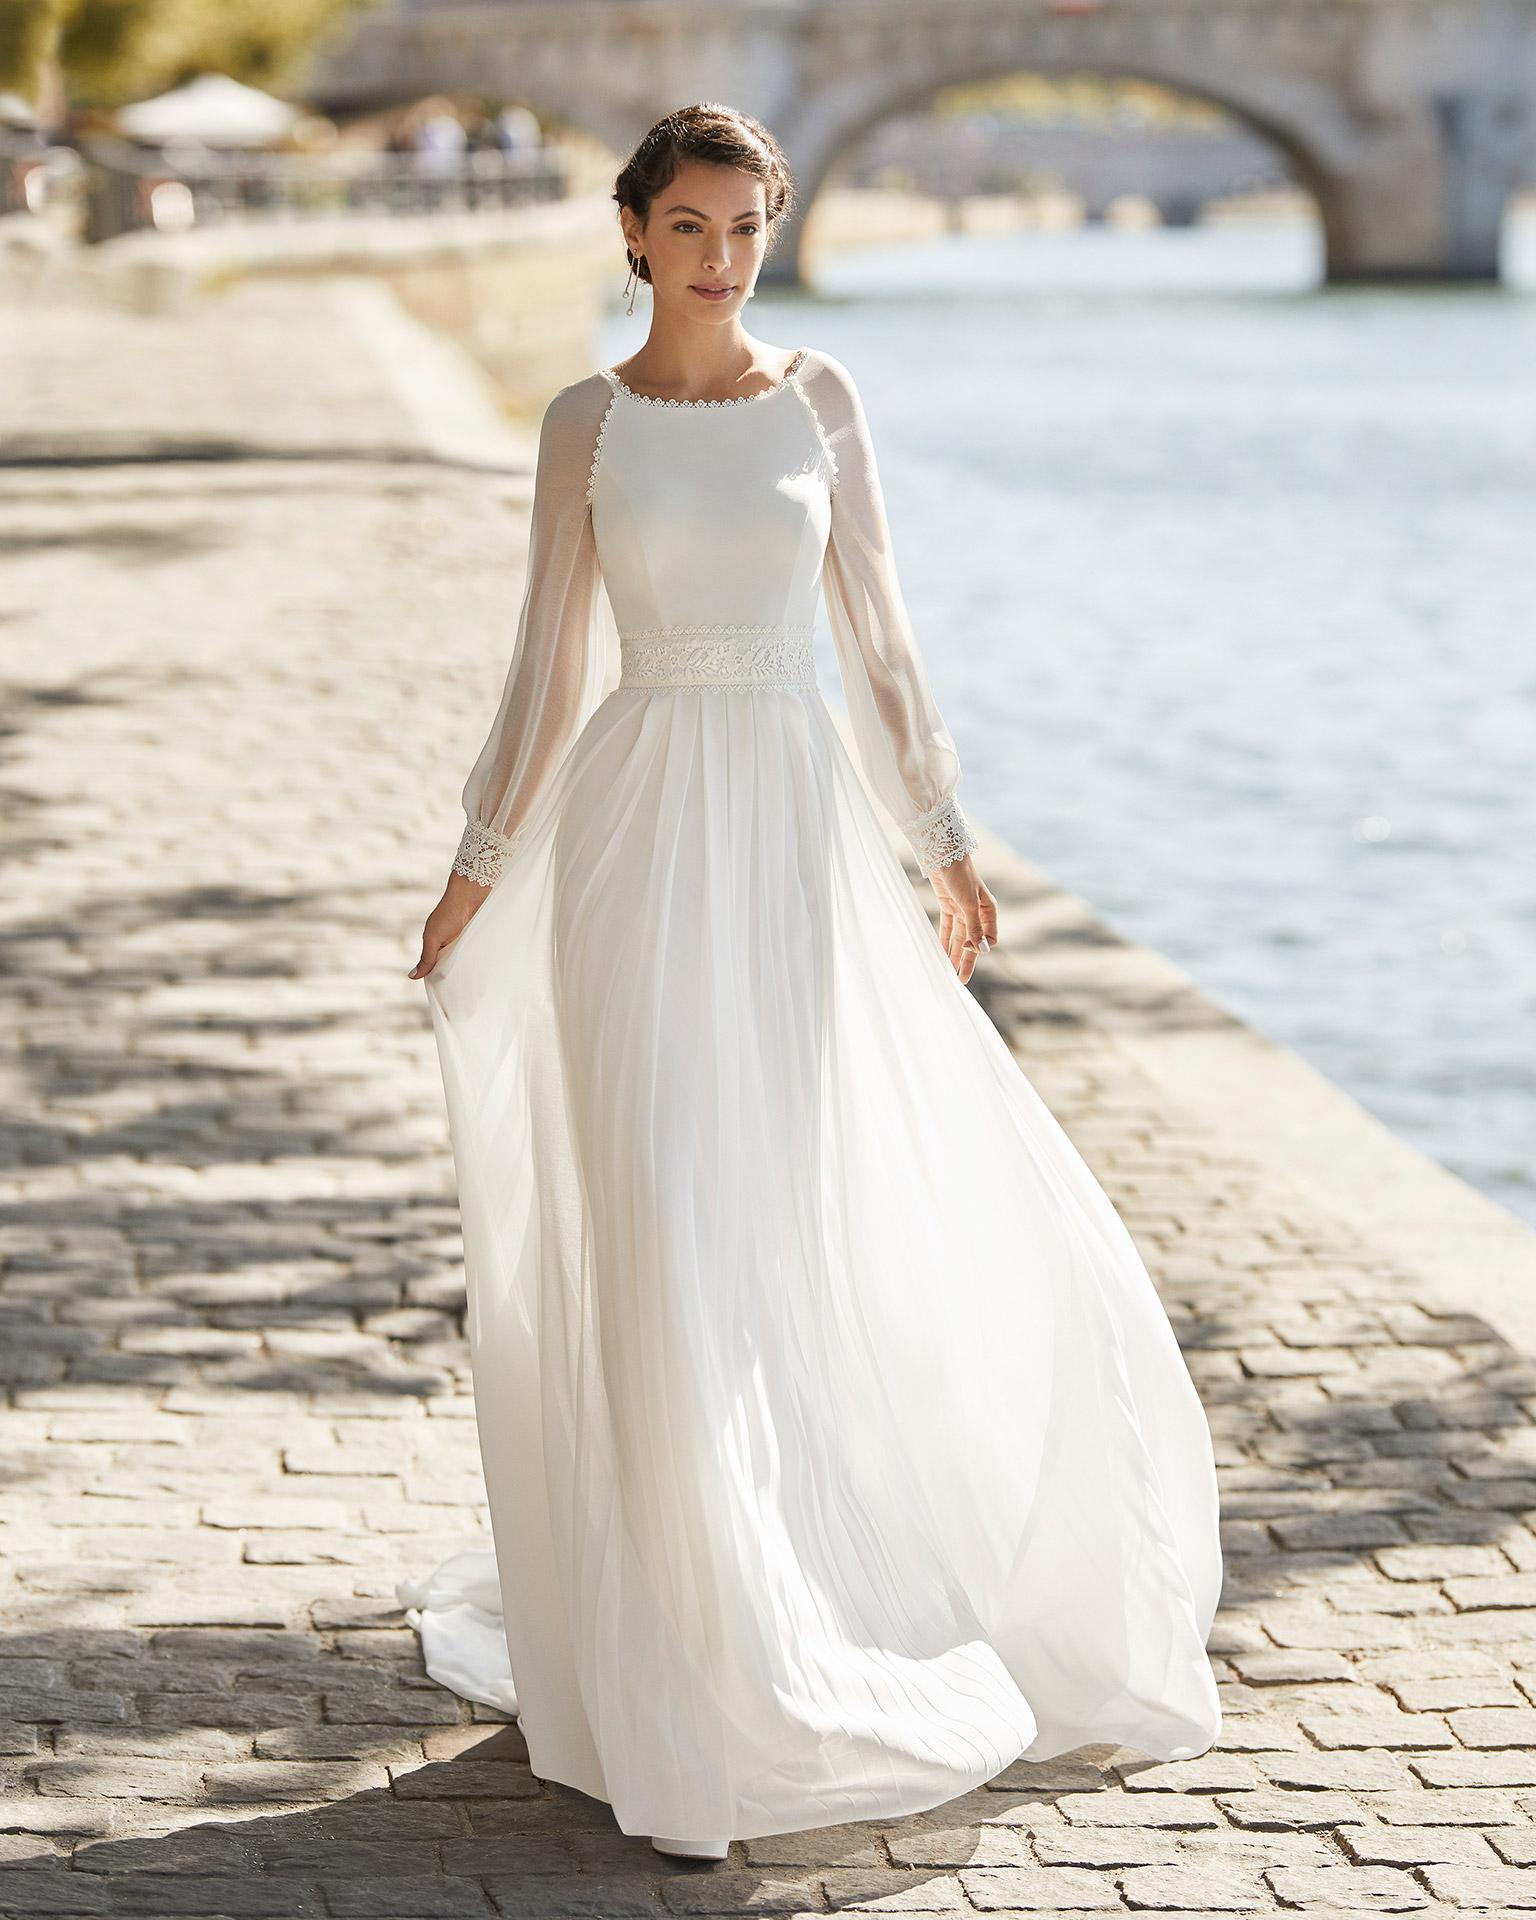 Vestido de novia de gasa. Escote barco, manga larga de gasa con puño de encaje y espalda cerrada. Colección ALMANOVIA 2021.